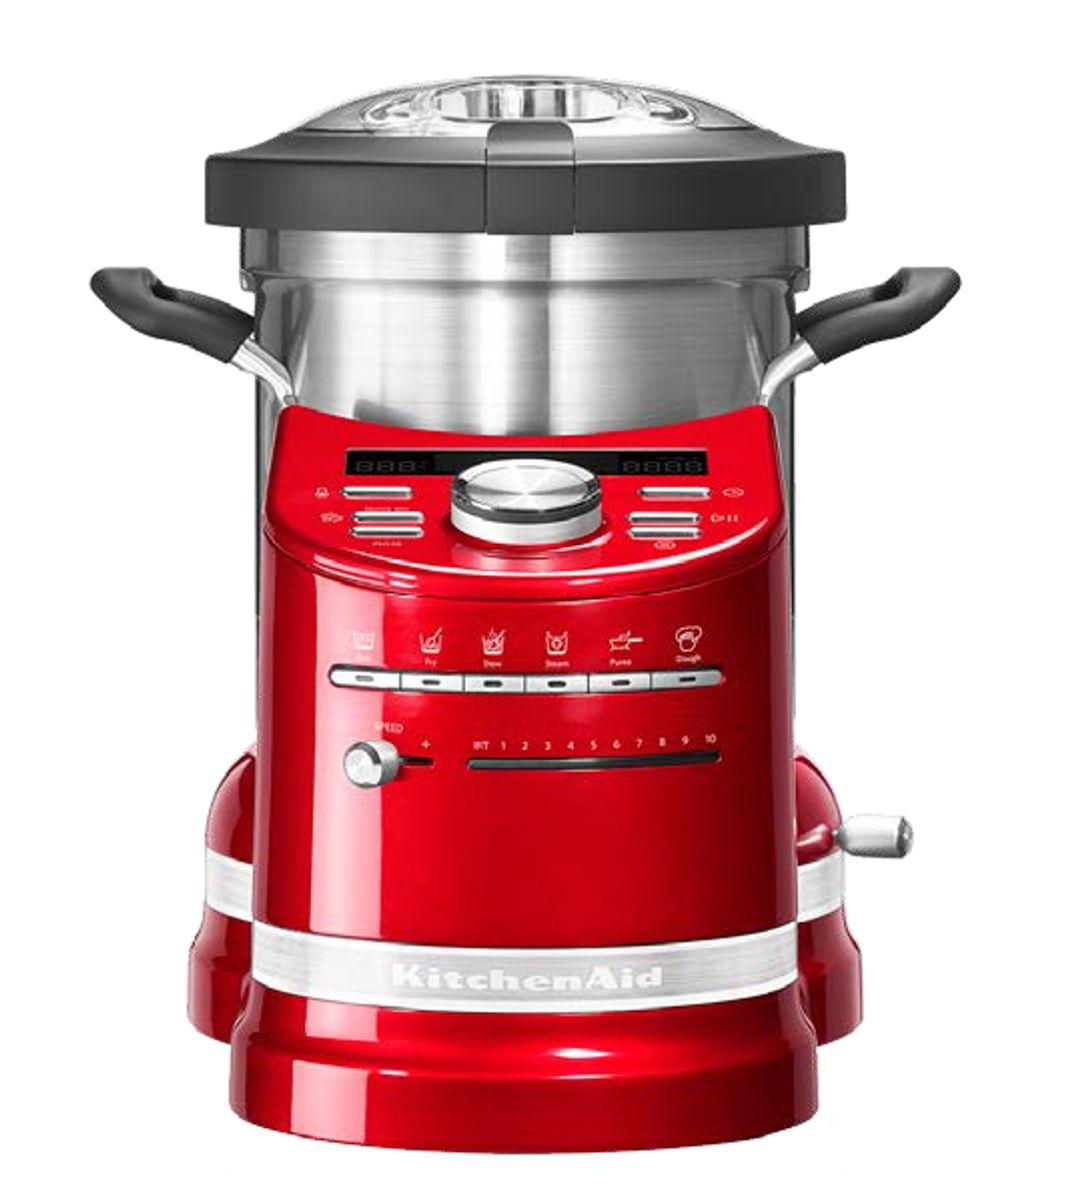 Robot cuiseur Kitchenaid Cook Processor - 1500W